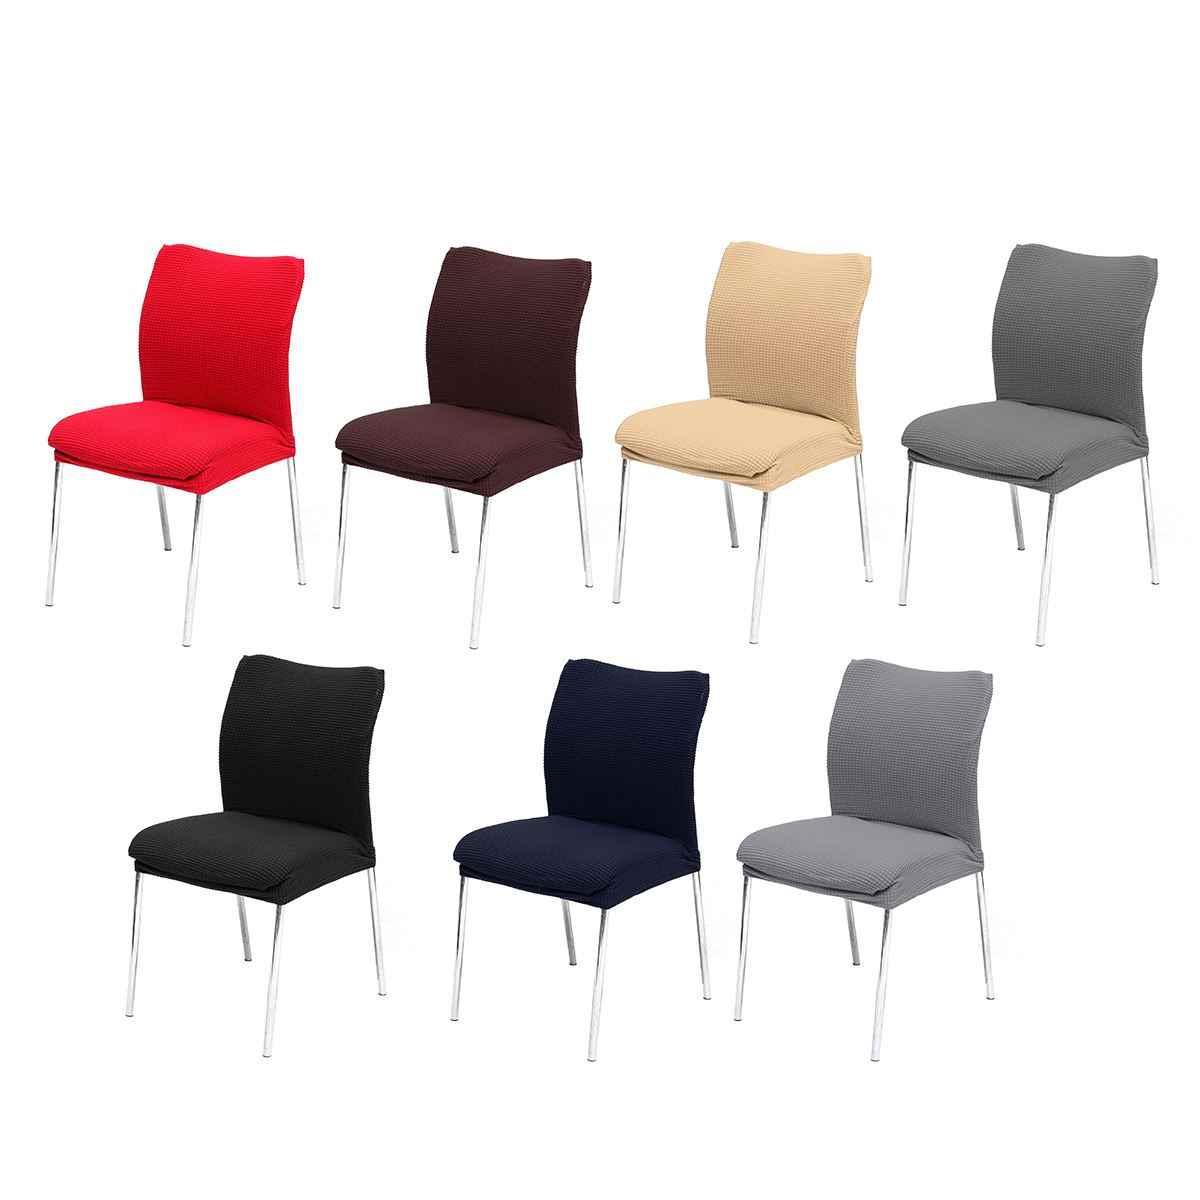 2019 新冬 1/2/3/4 シーター肥厚弾性ストレッチ Slipcovers ソファカバー枕ケース椅子リビングルームのための